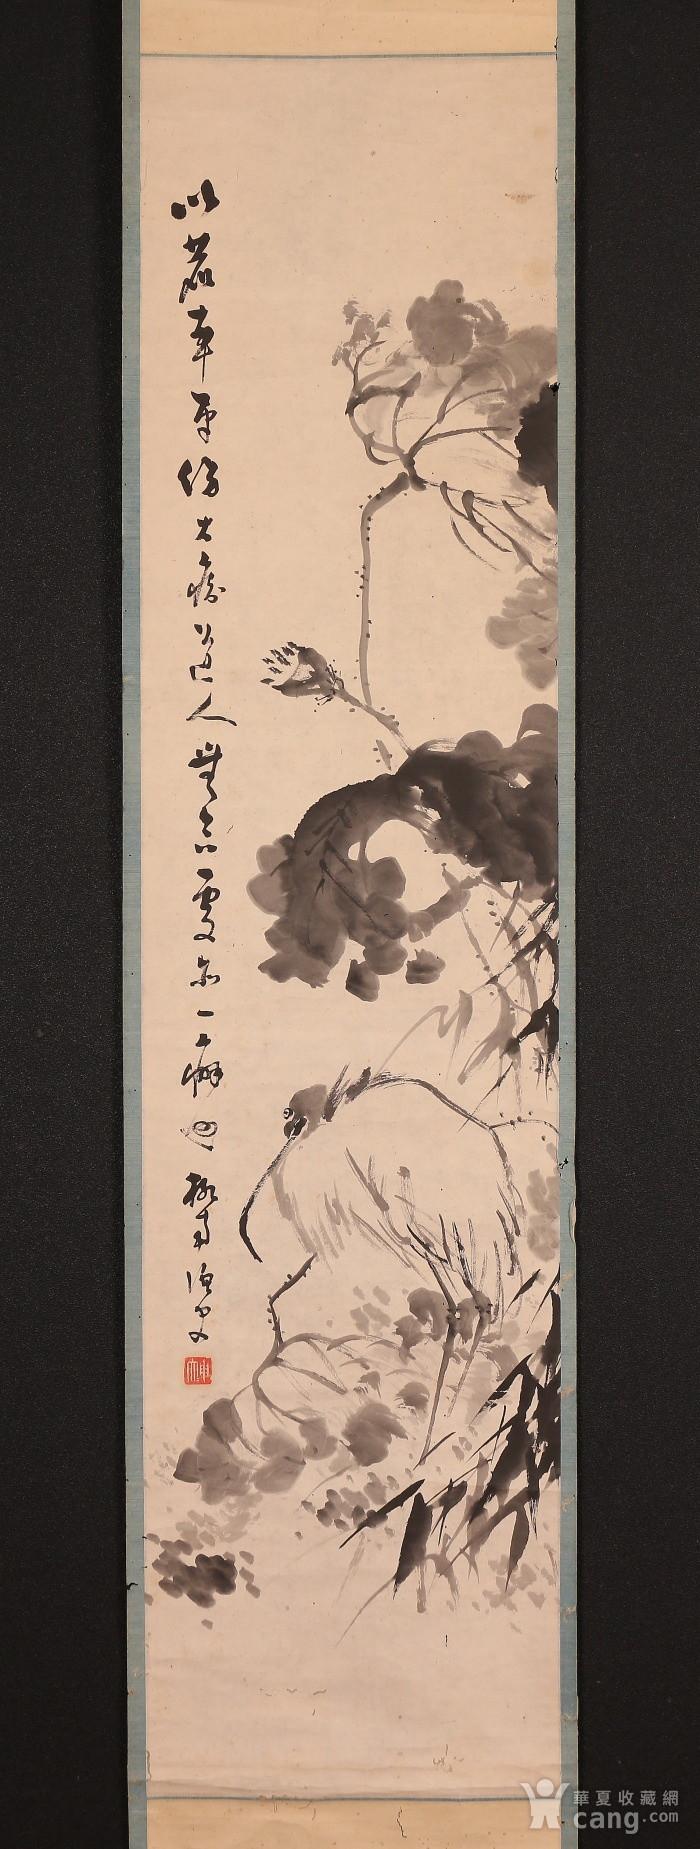 冈本柳南,鹭图图1